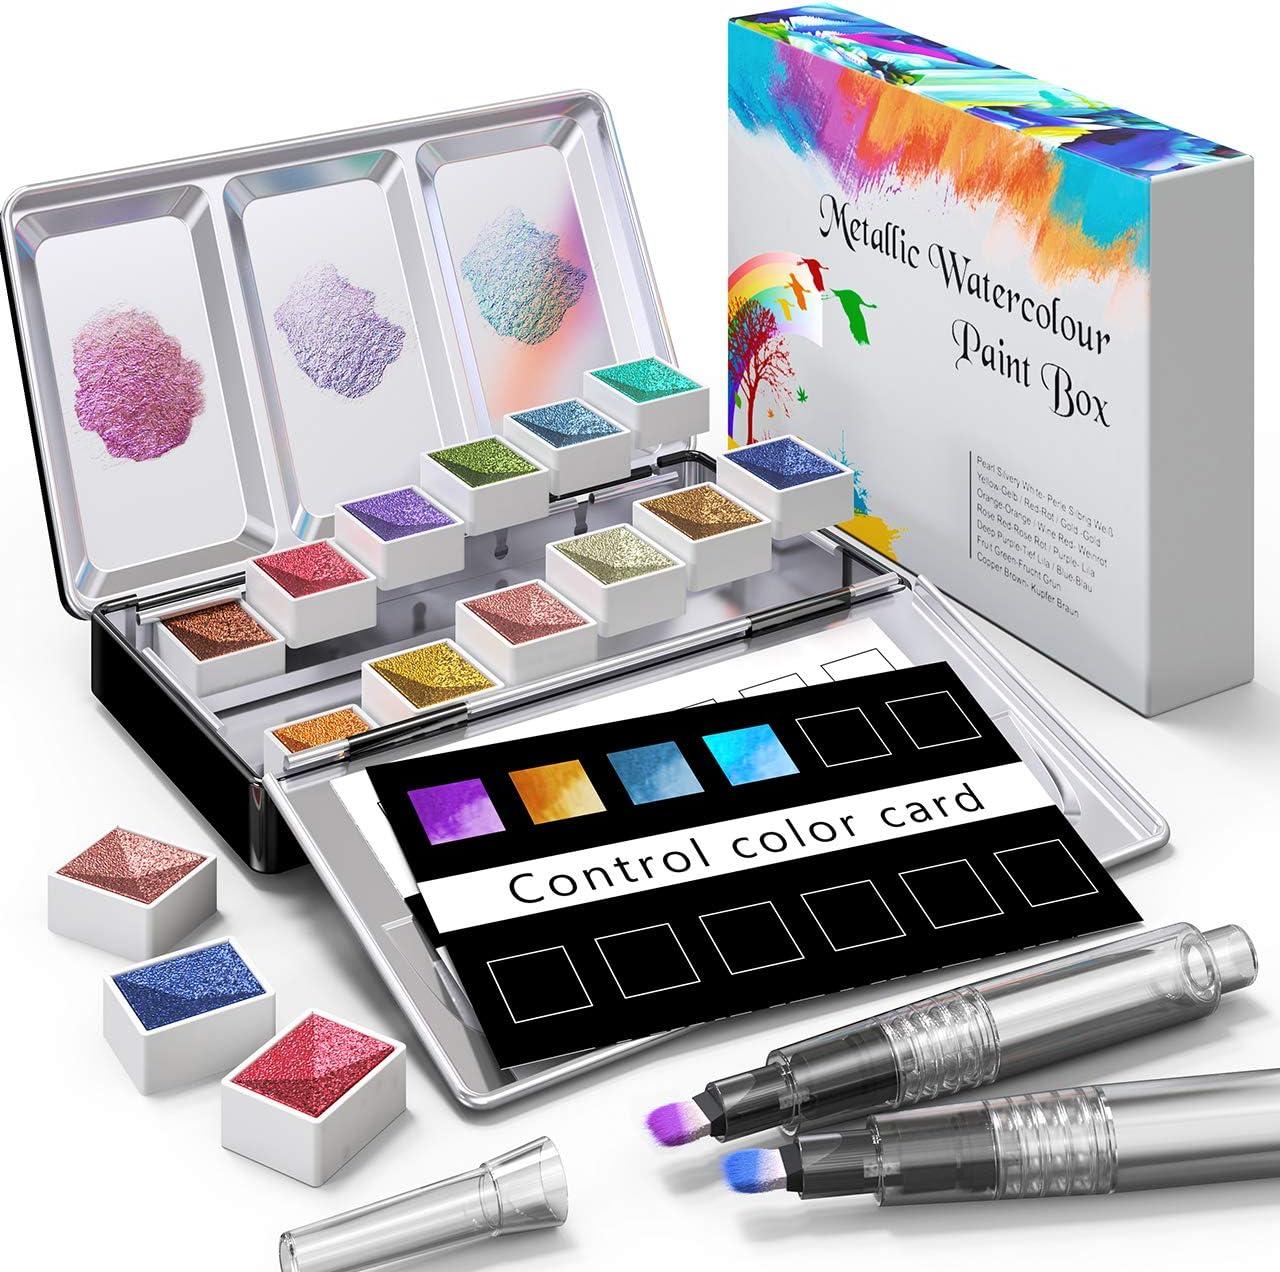 RATEL Conjunto de pintura de acuarela metálica, pintura de acuarela brillante sólida incluye 12 colores metálicos Pigmento sólido + 2 Pincel + 1 tarjeta de color, Pinturas y mezcla bien acuarela